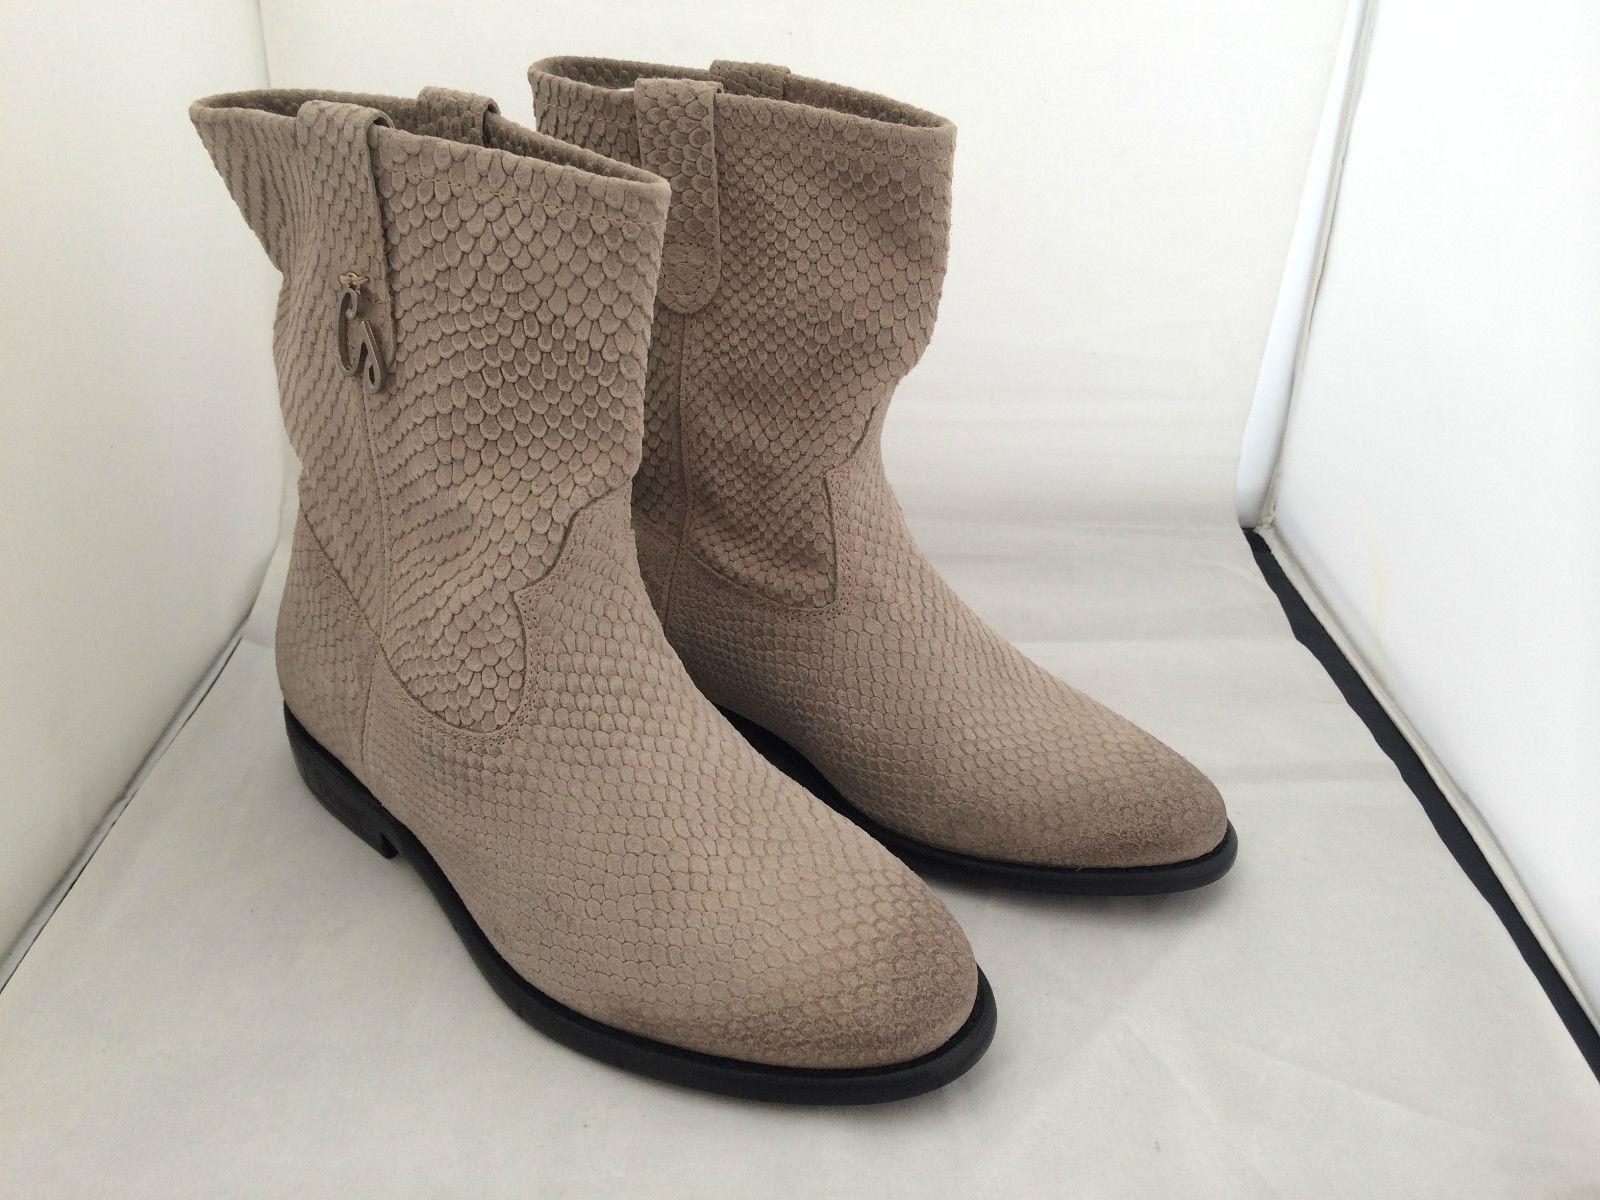 Neu      Aussergewöhnliche Stiefel von GUESS, sand ,Echtleder, Größe 40, NEU 04510f